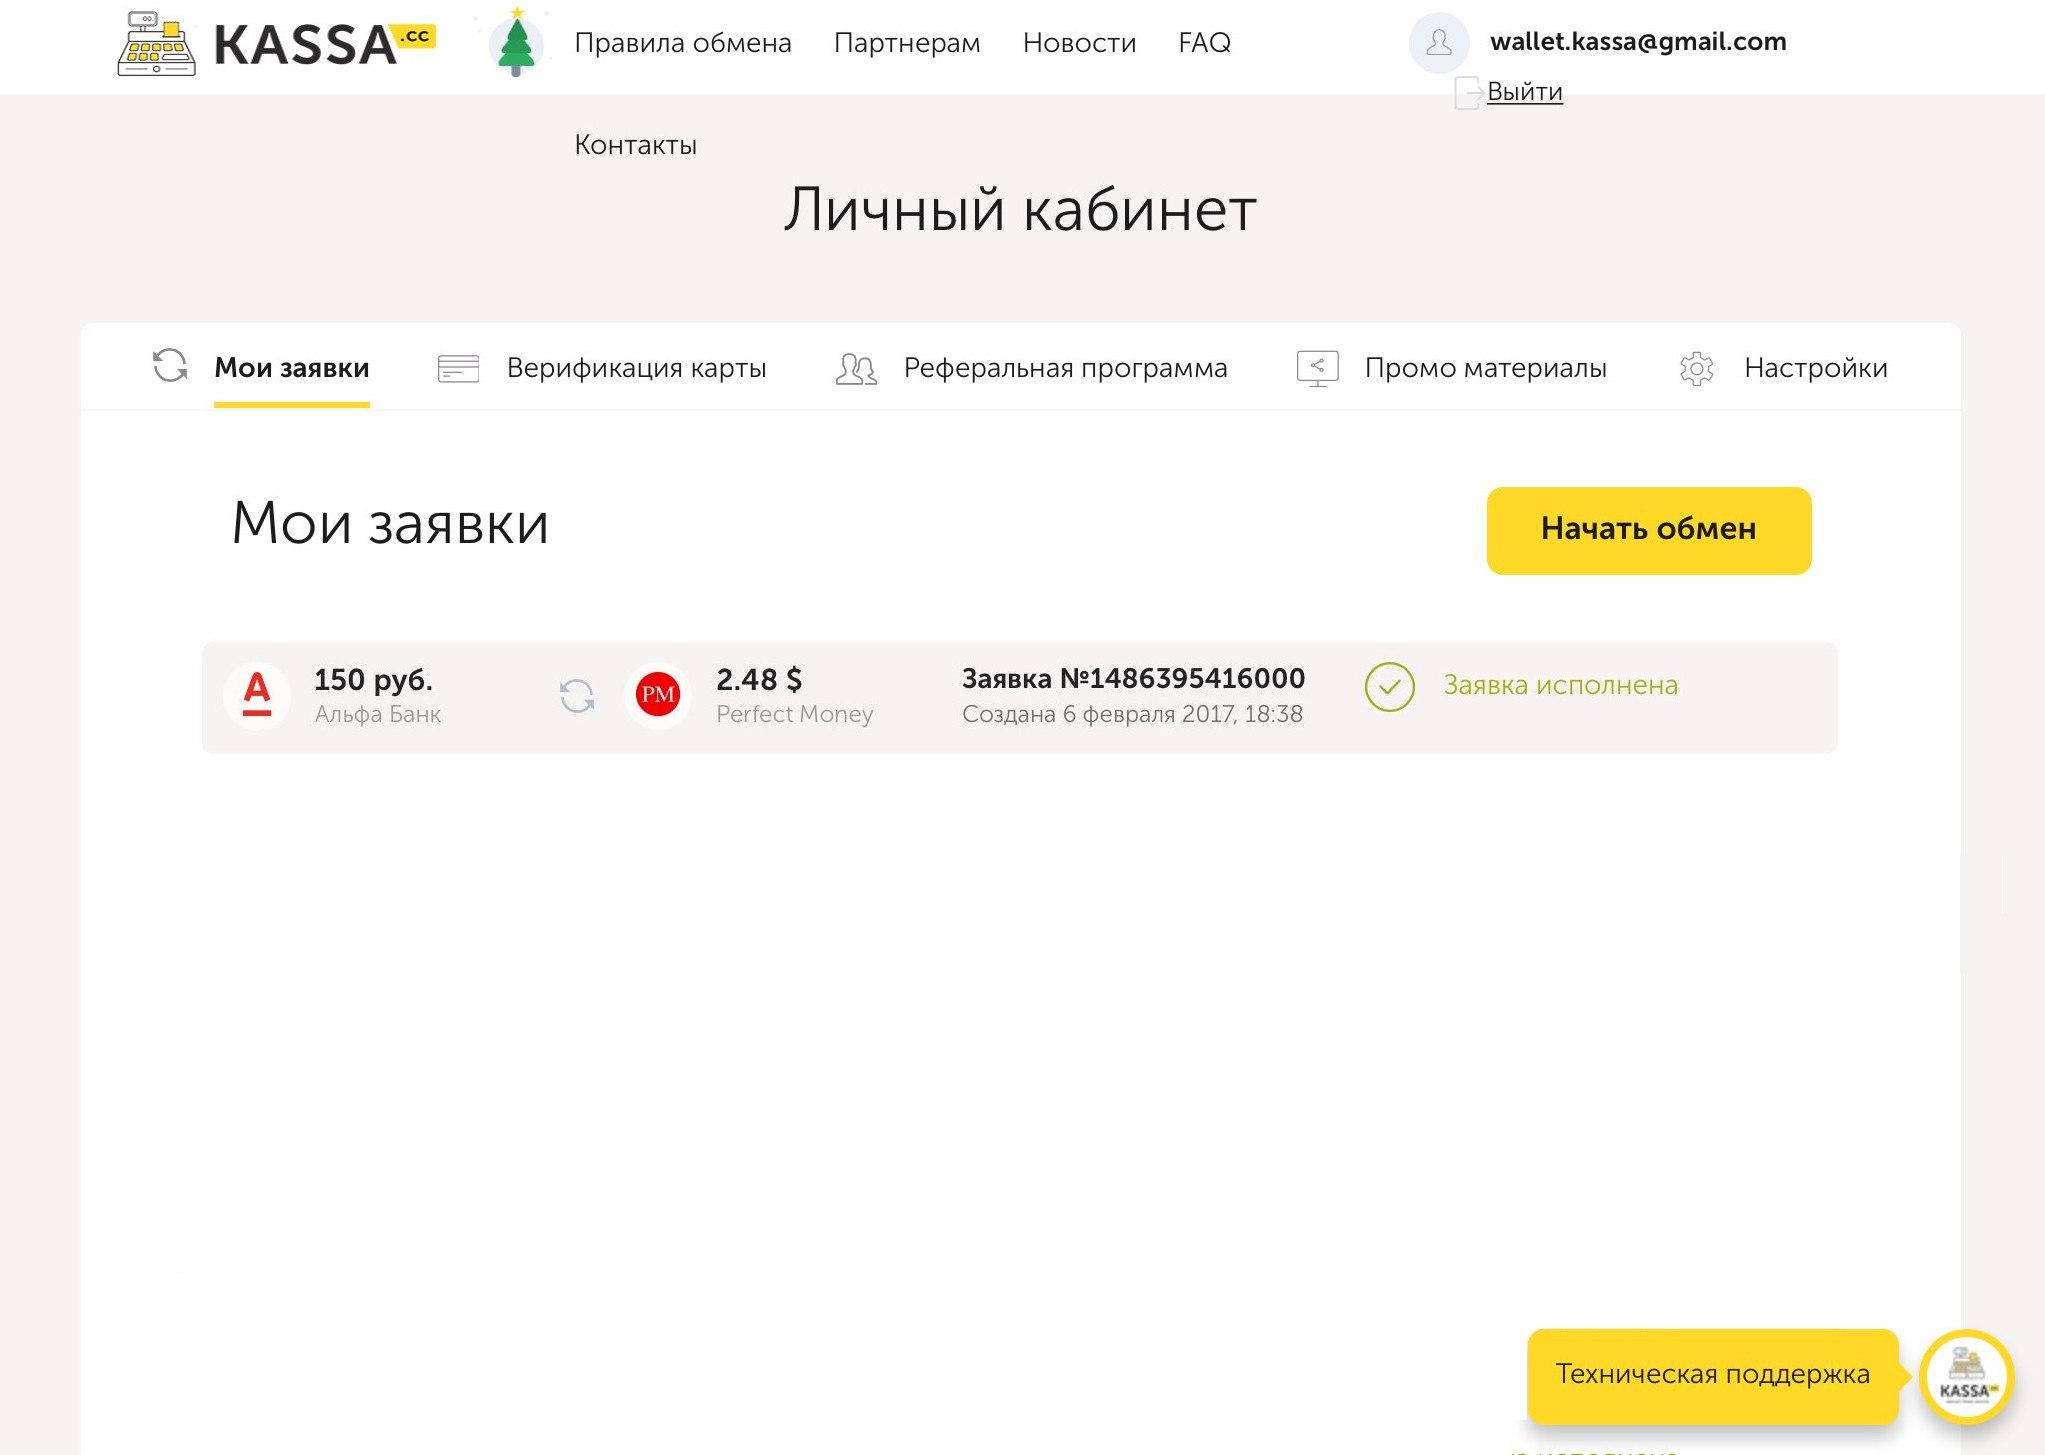 Kassa.cc - единый обмен валюты. Перевод с карты Альфа-Банк на Perfect Money USD